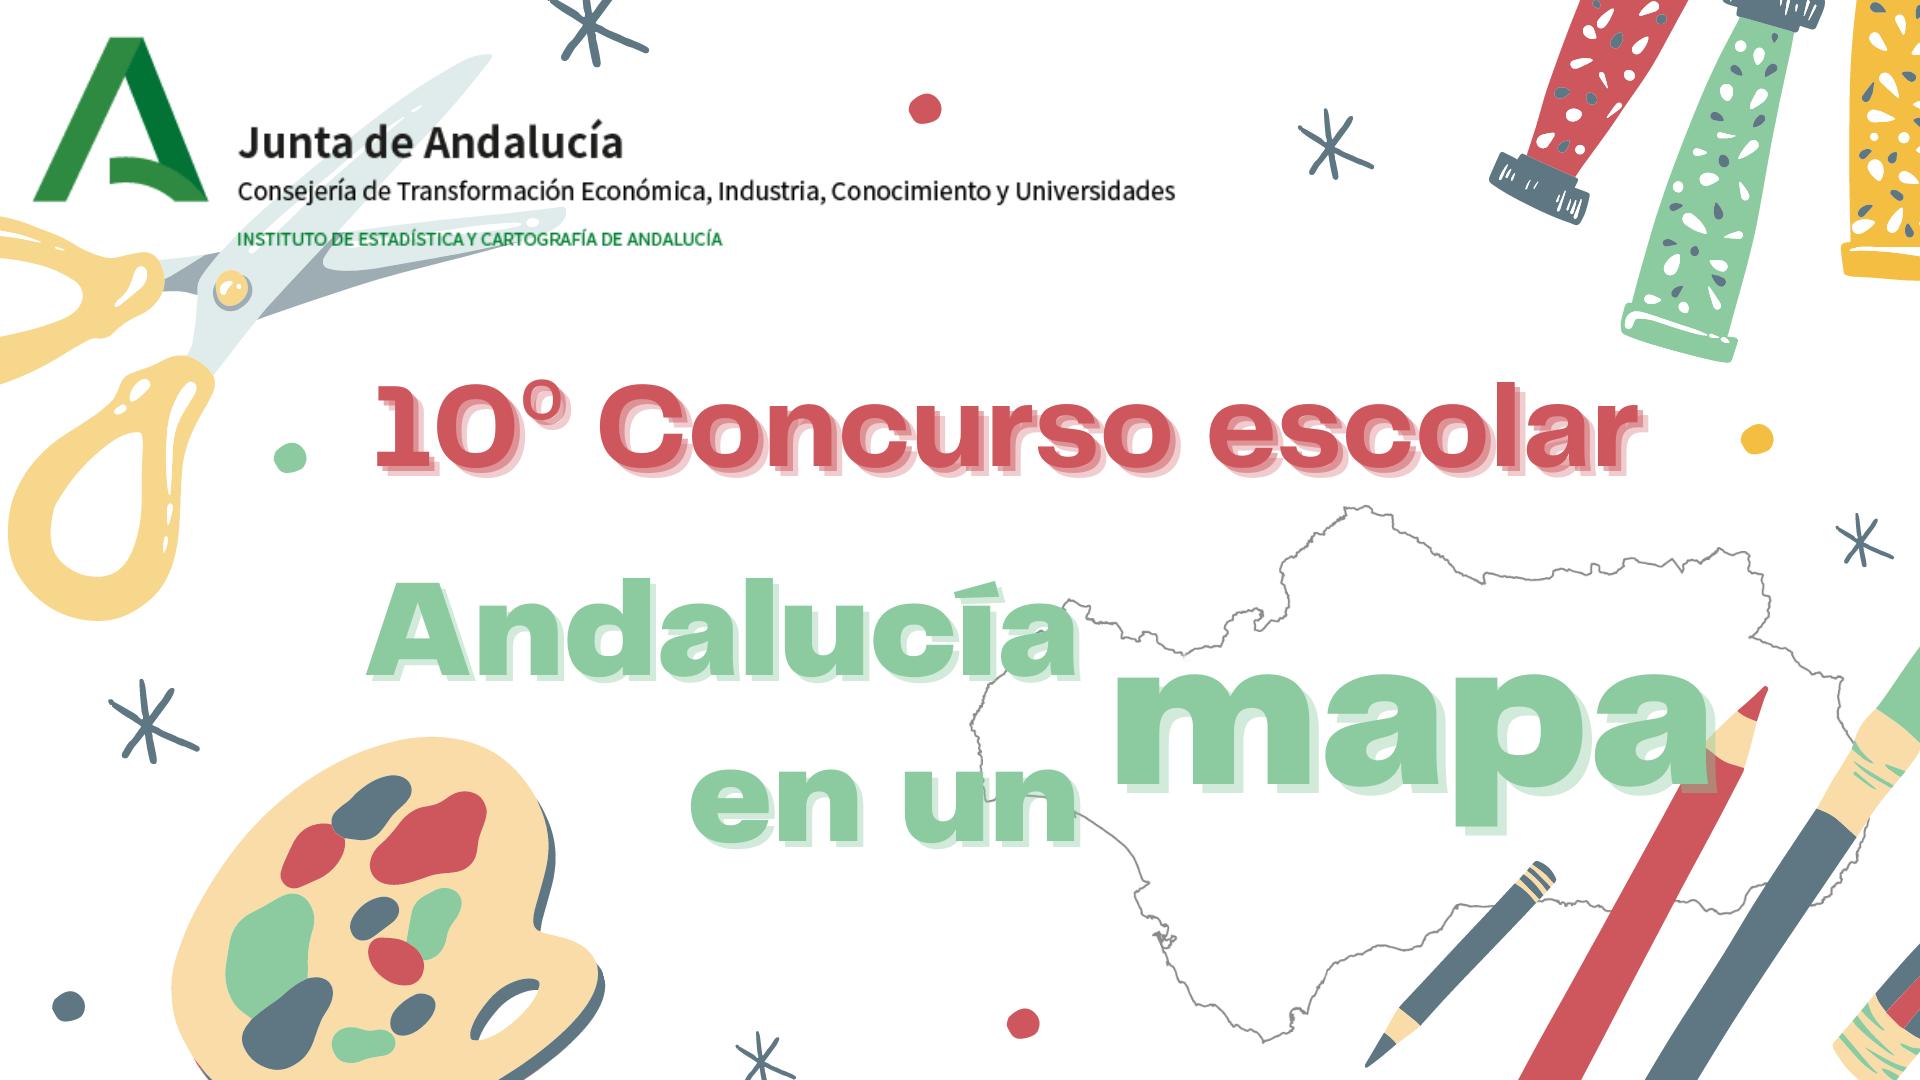 Concurso Andalucía en un mapa